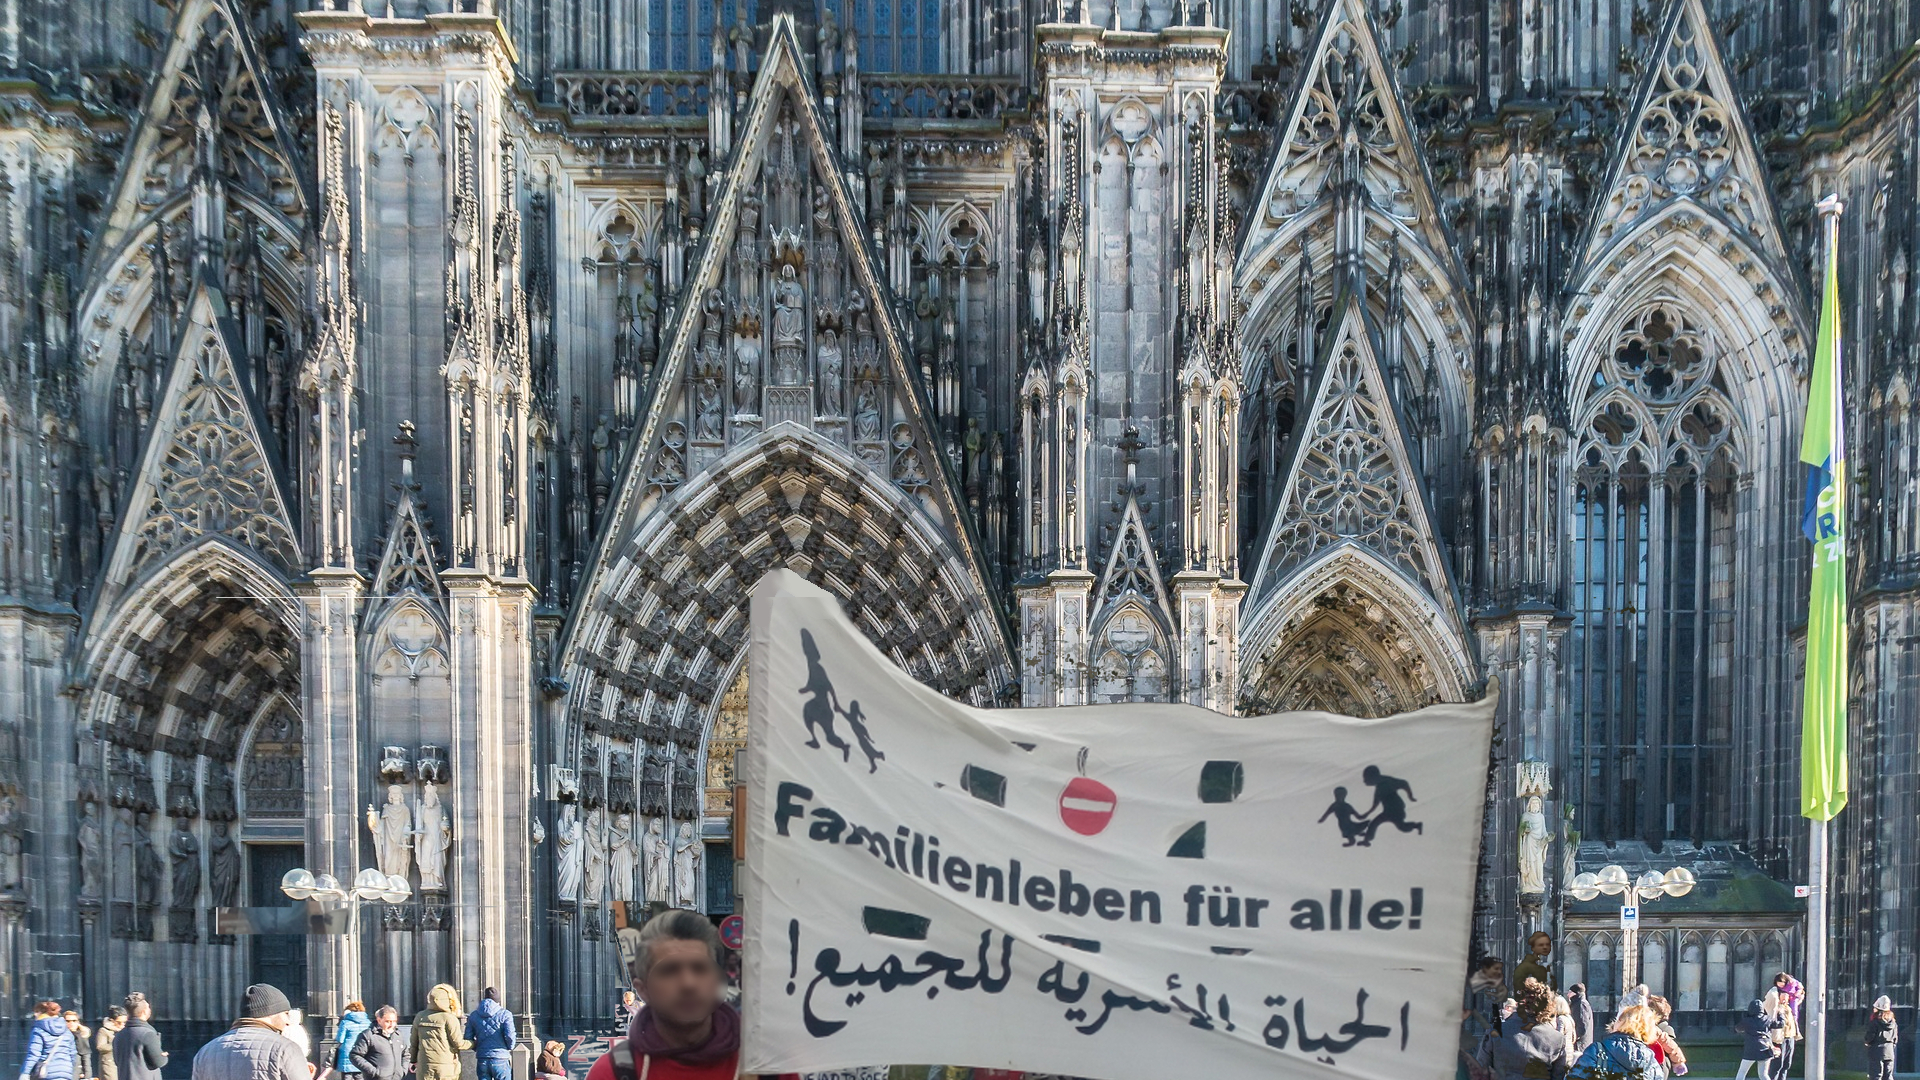 Kundgebung für Familiennachzug in Köln